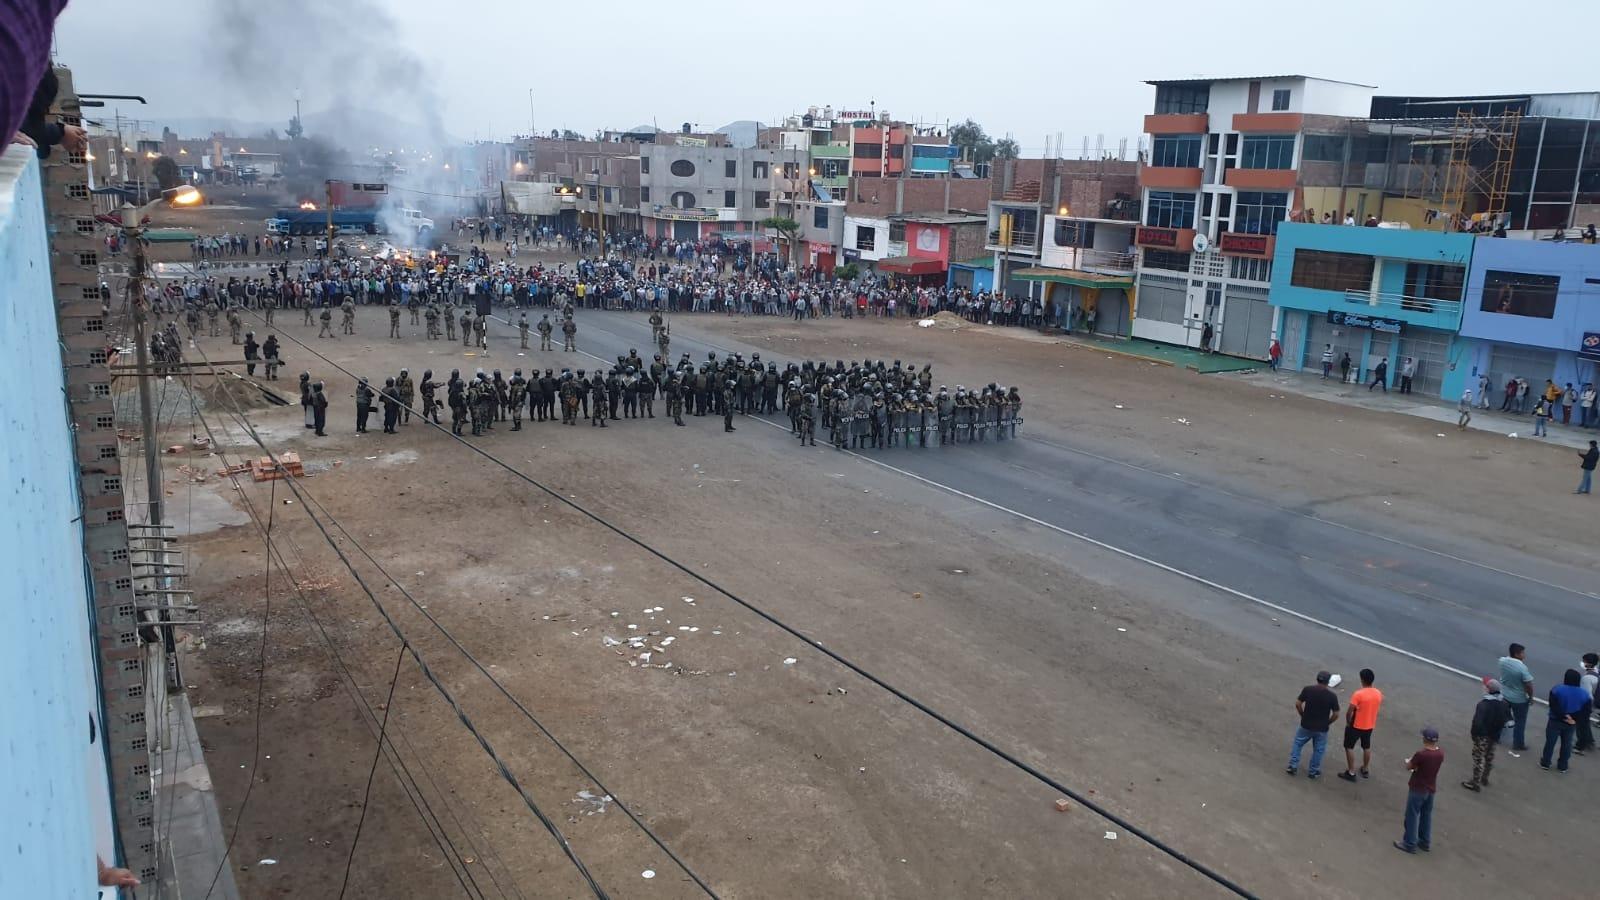 Los efectivos de la Policía Nacional optaron por retroceder ante el bloqueo de la carretera.